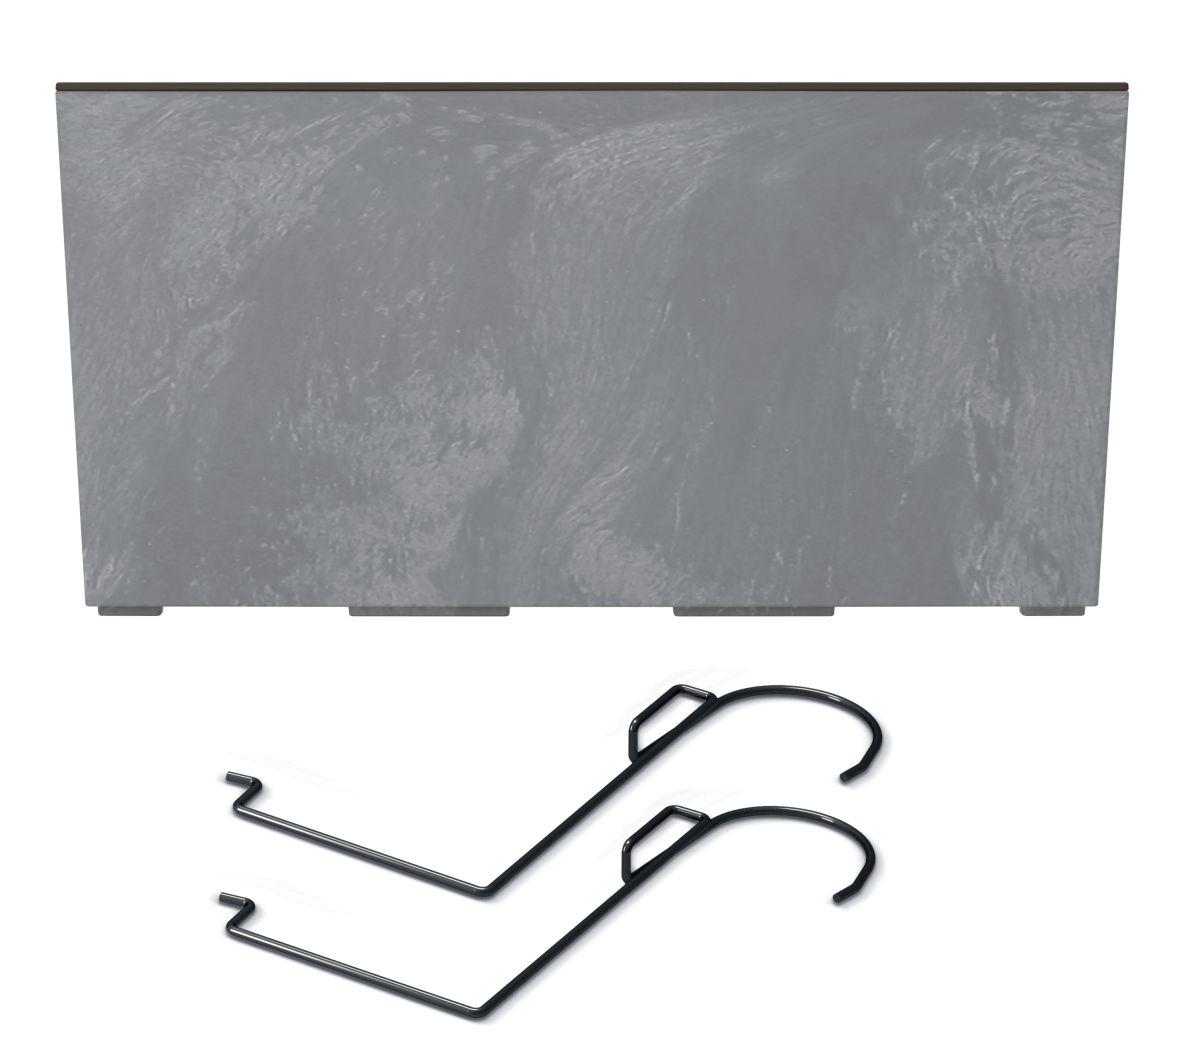 PROSPERPLAST Truhlík s háky URBI CASE BETON EFFECT W marengo 58cm